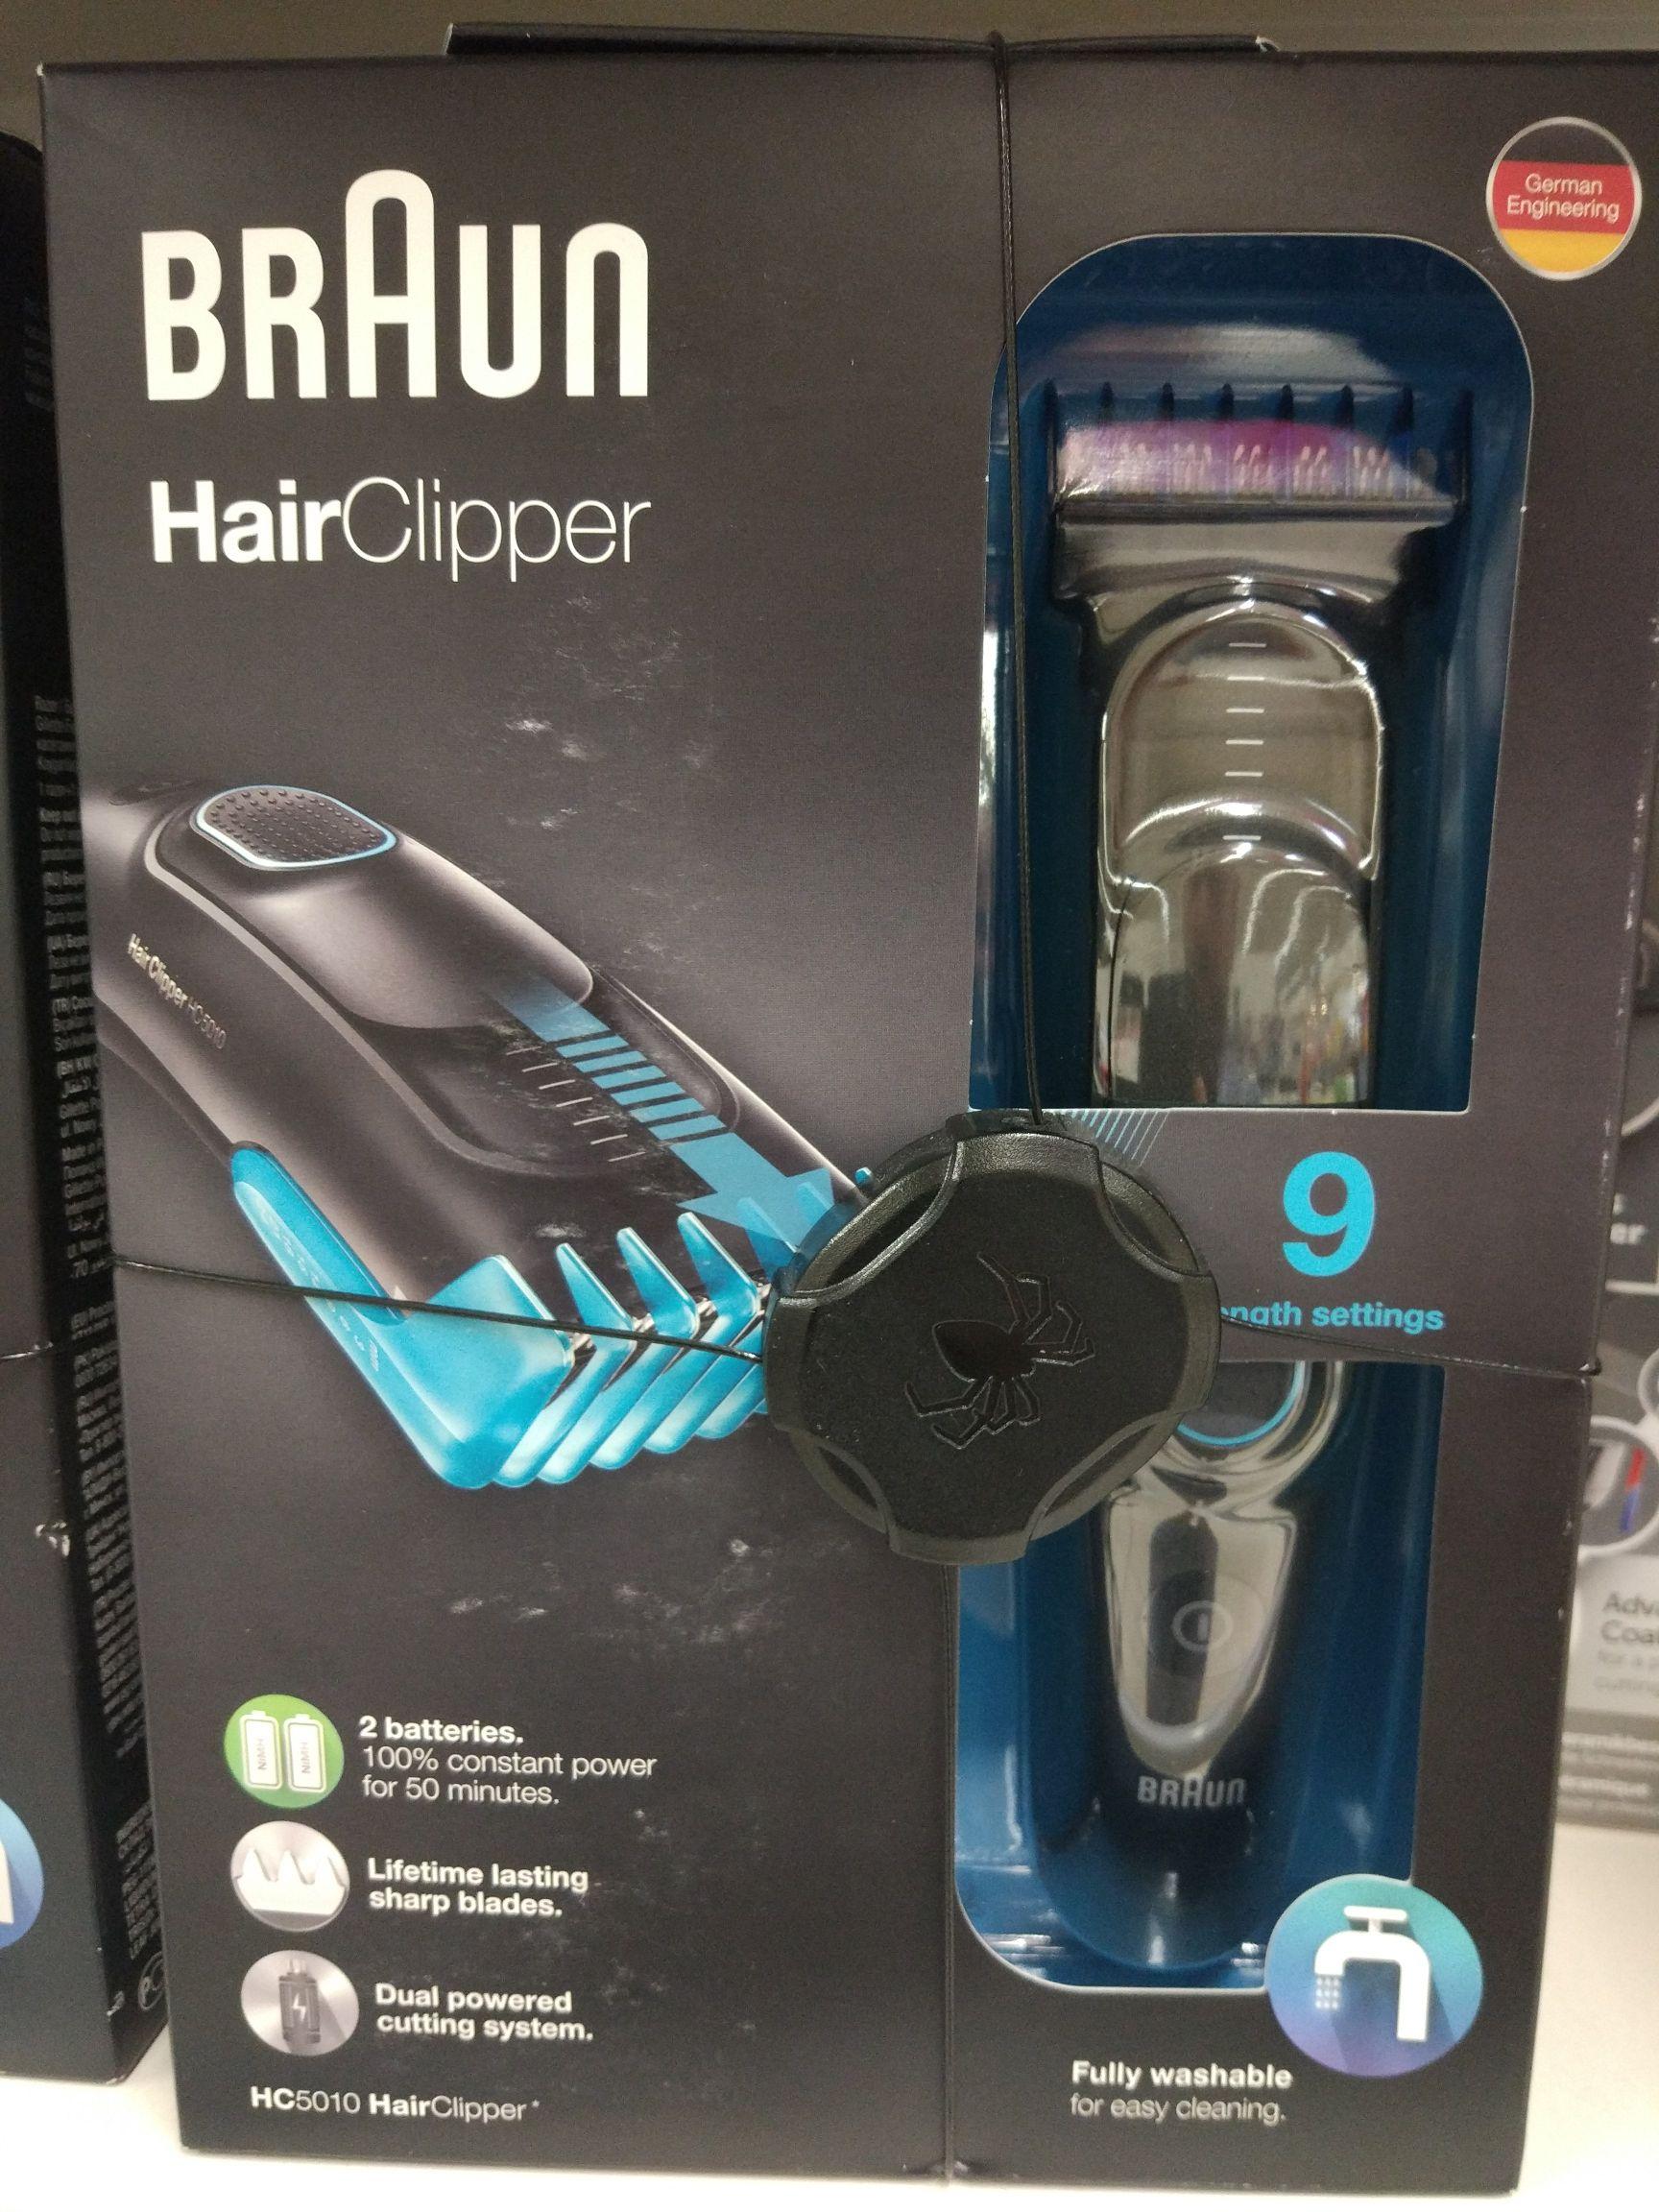 Braun HC5010 HairClipper Maszynka do strzyżenia włosów @Tesco